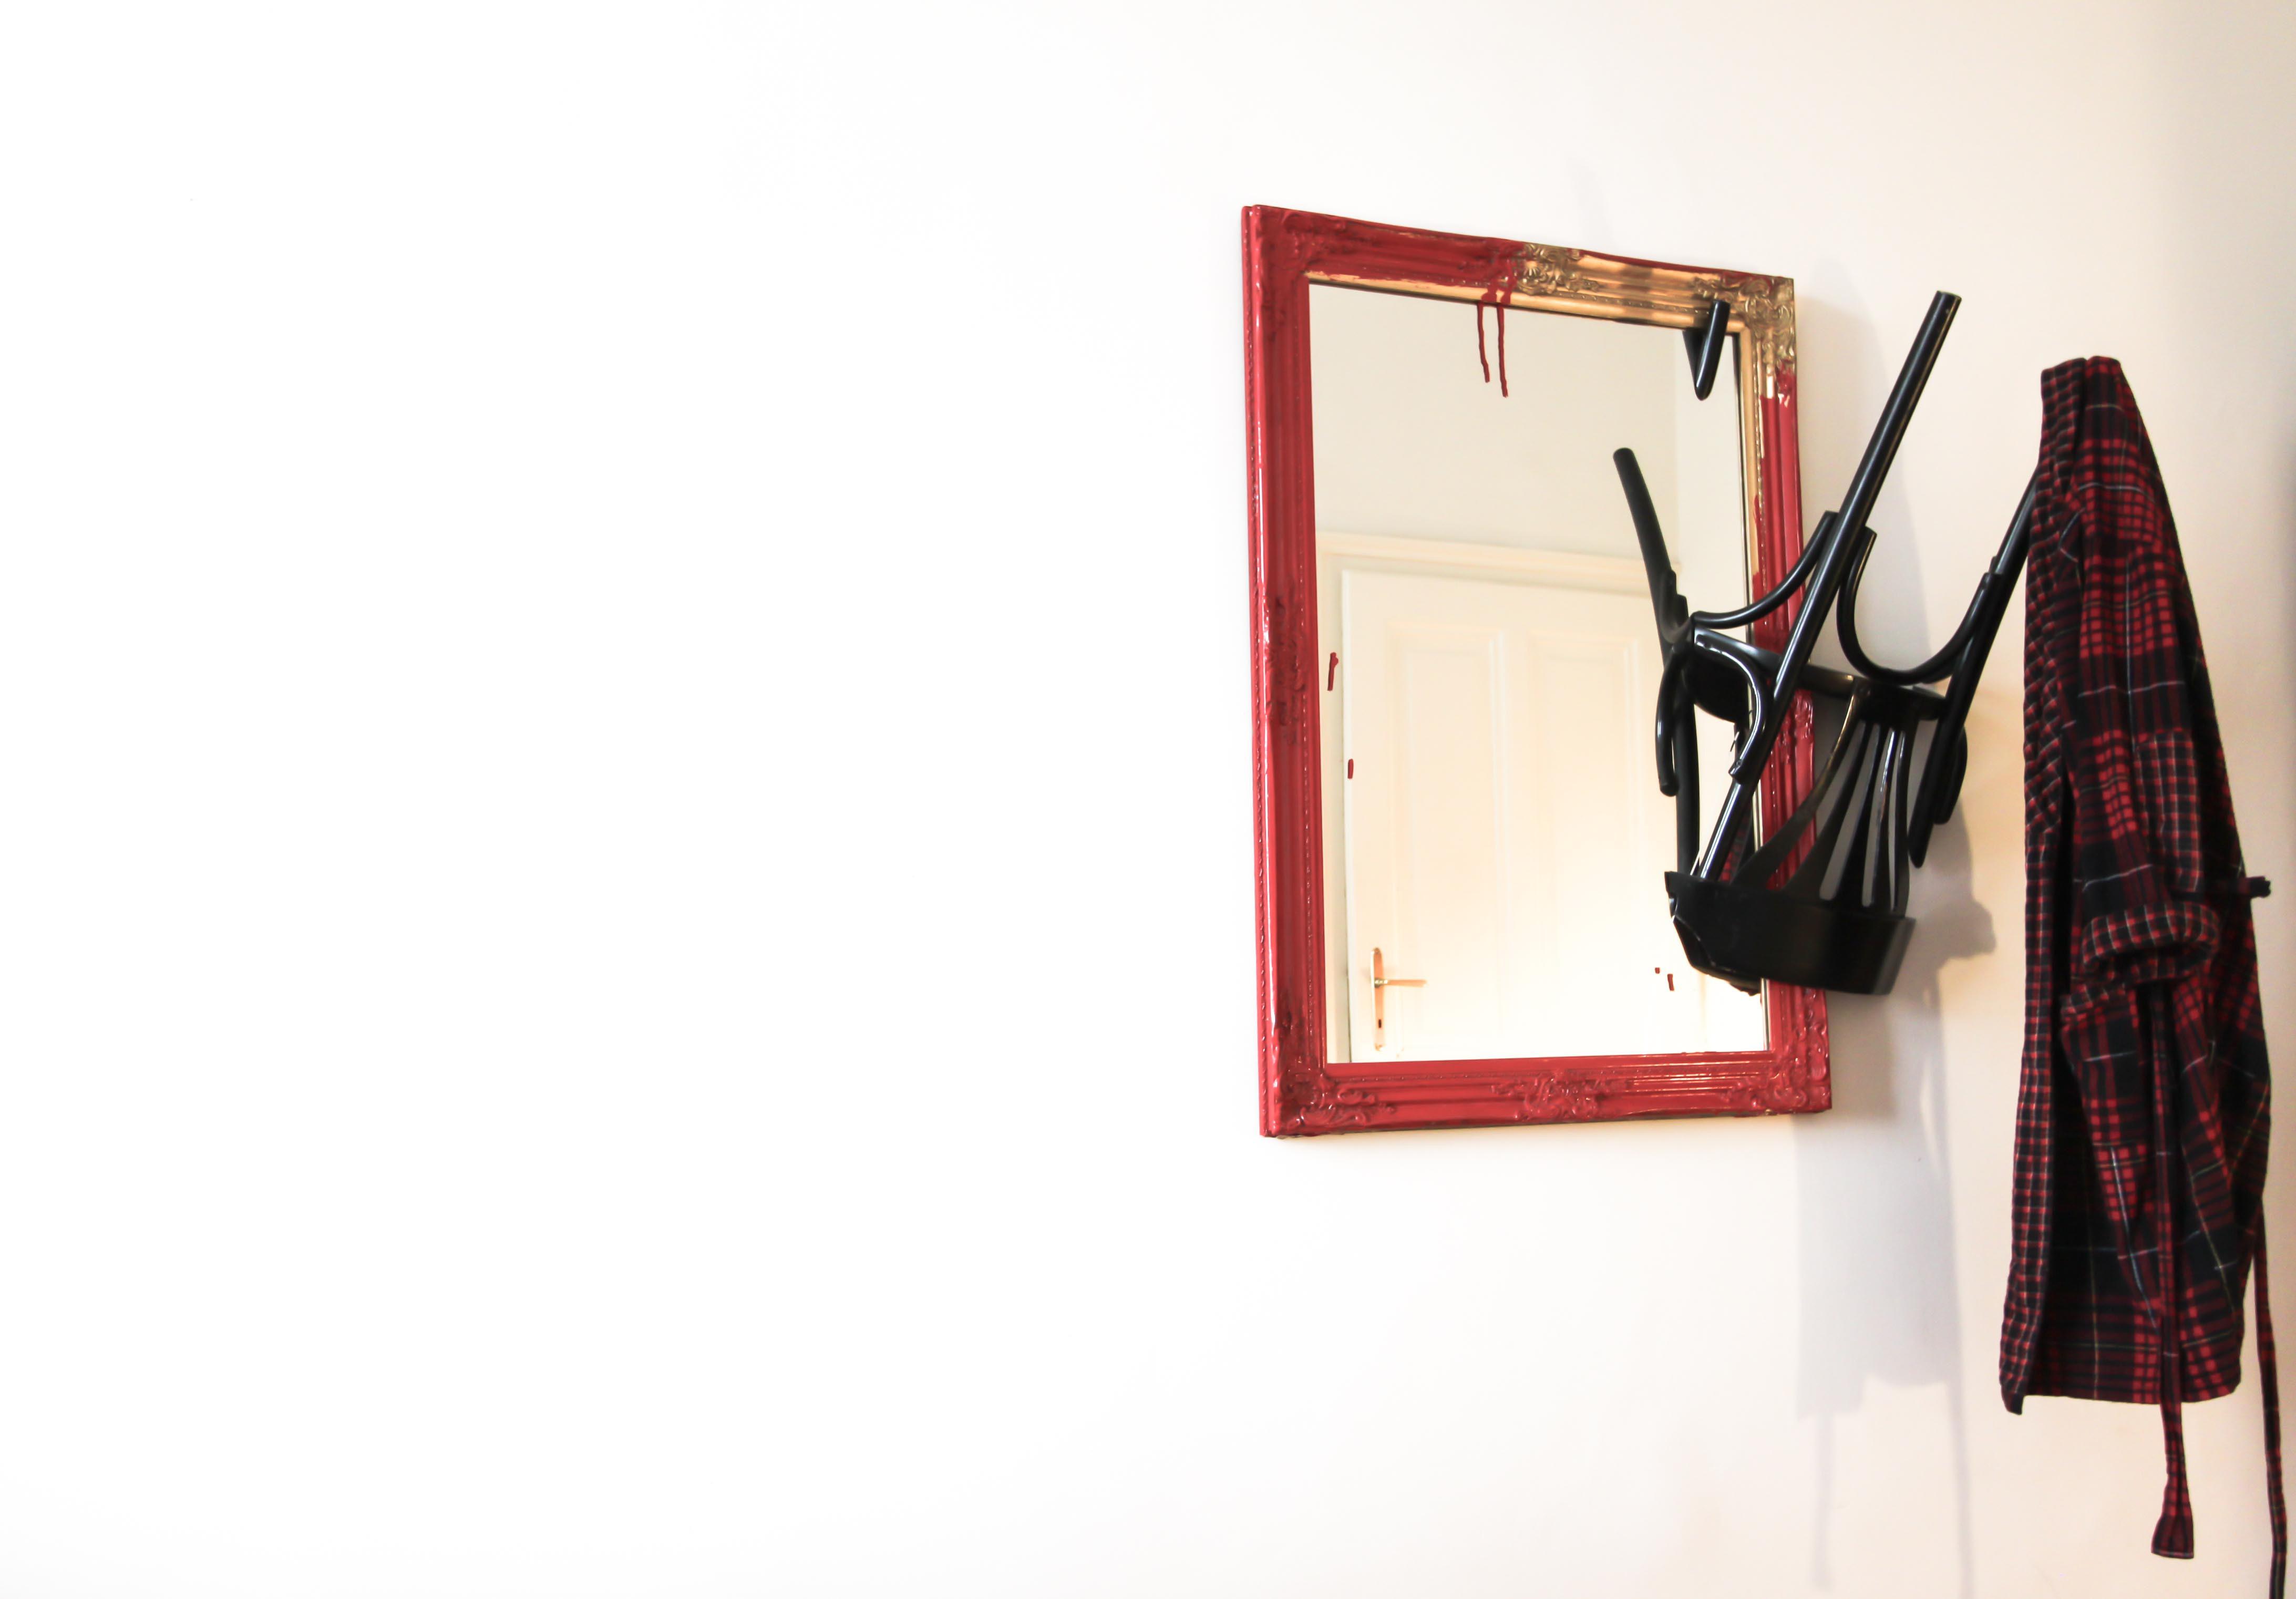 wairs installation, Vienna, 1040